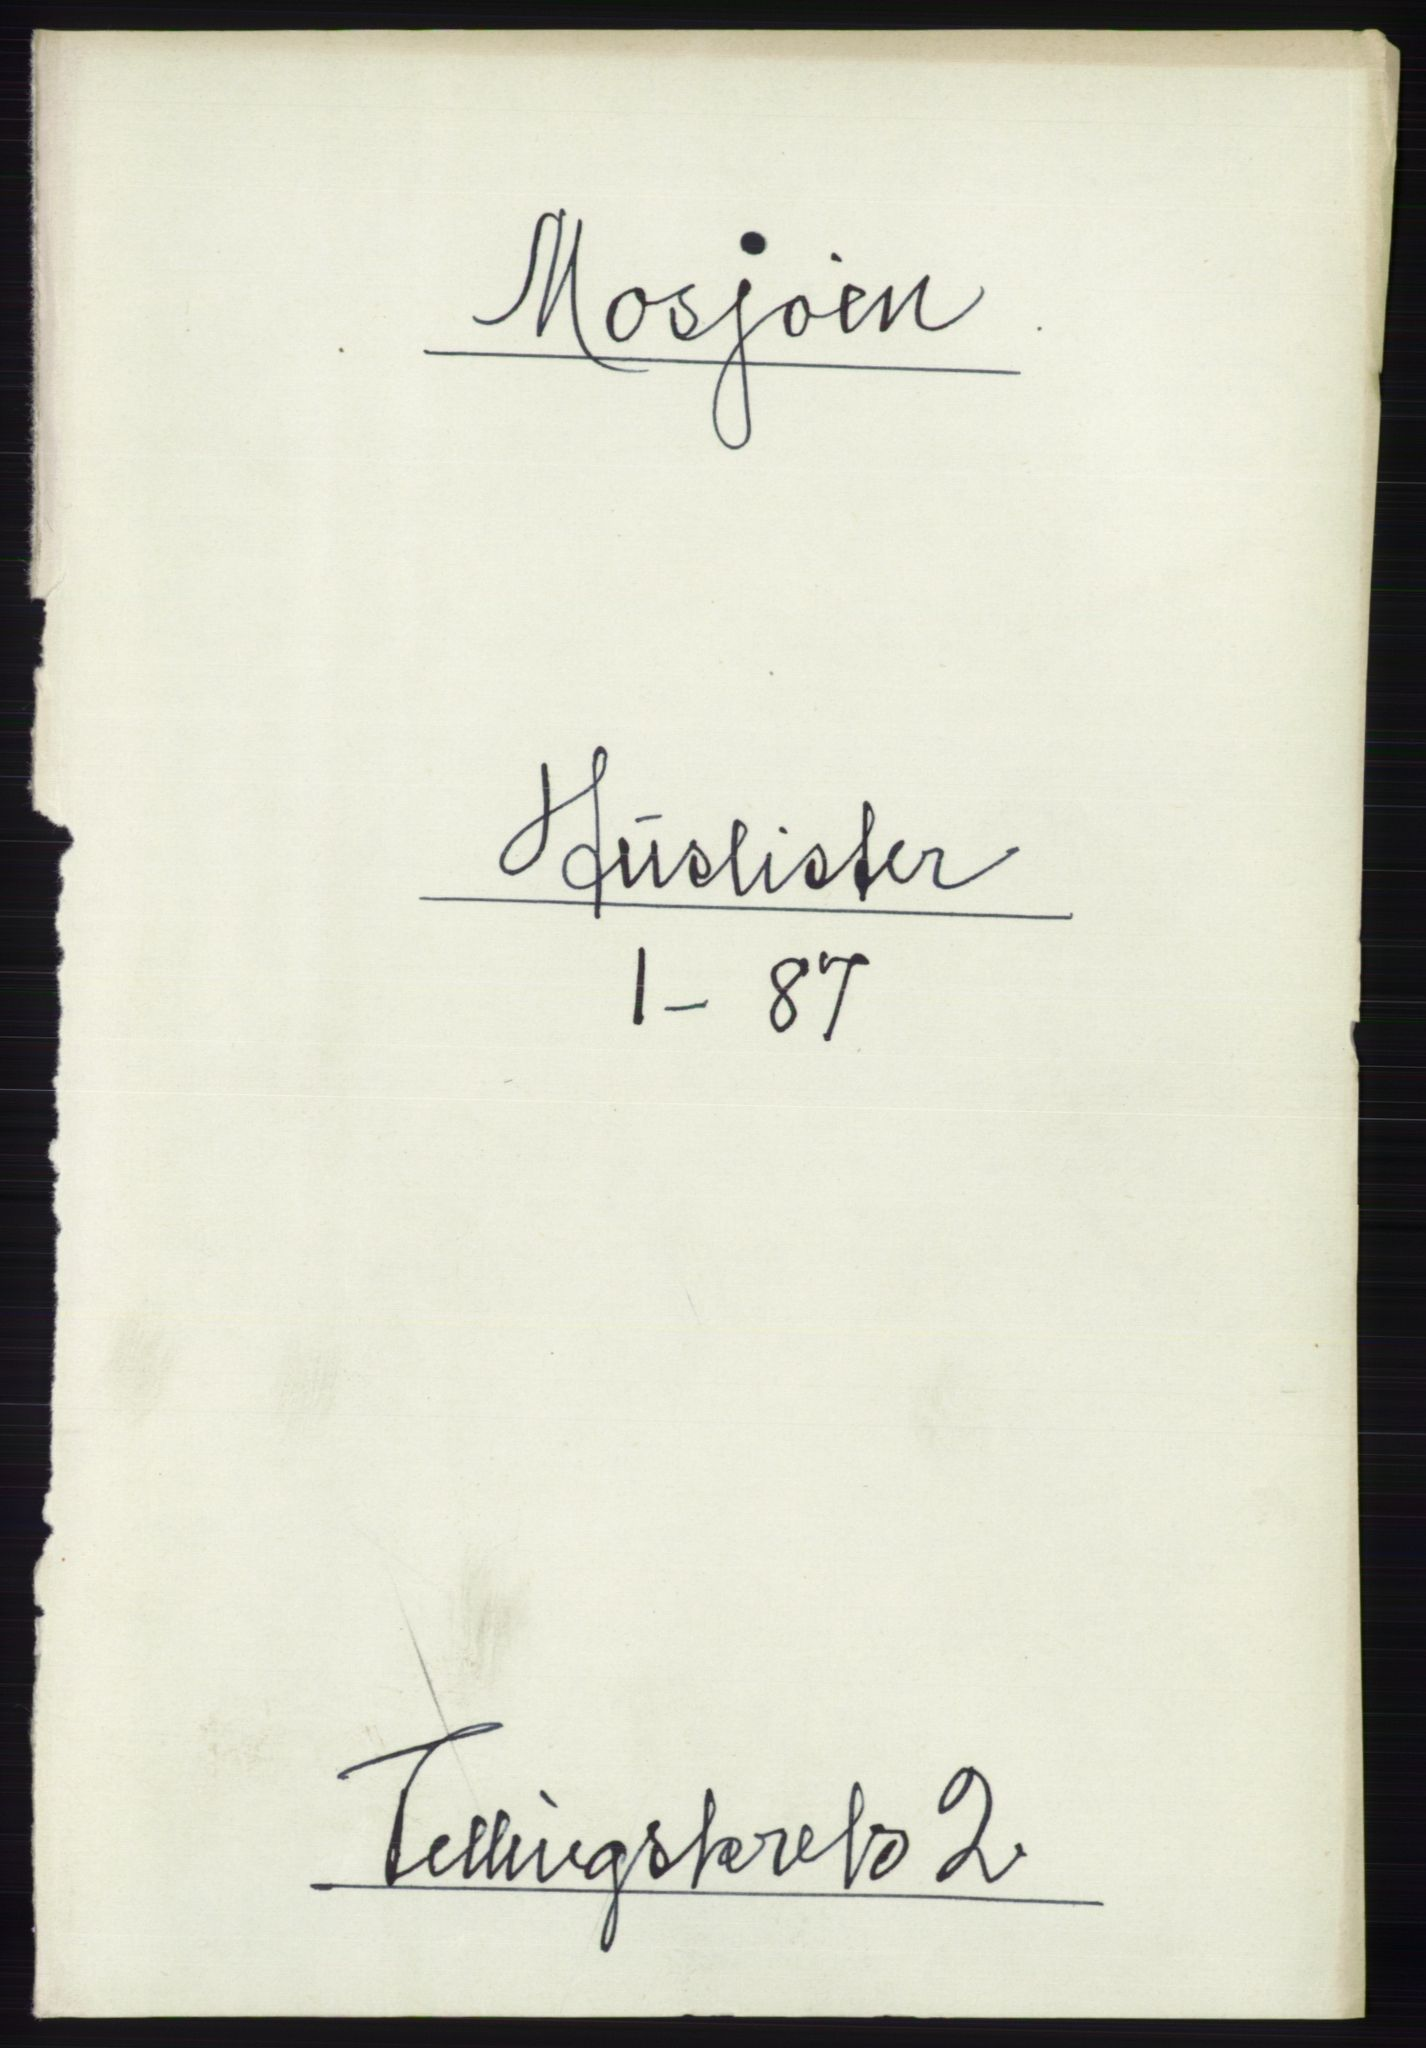 RA, Folketelling 1891 for 1802 Mosjøen ladested, 1891, s. 574